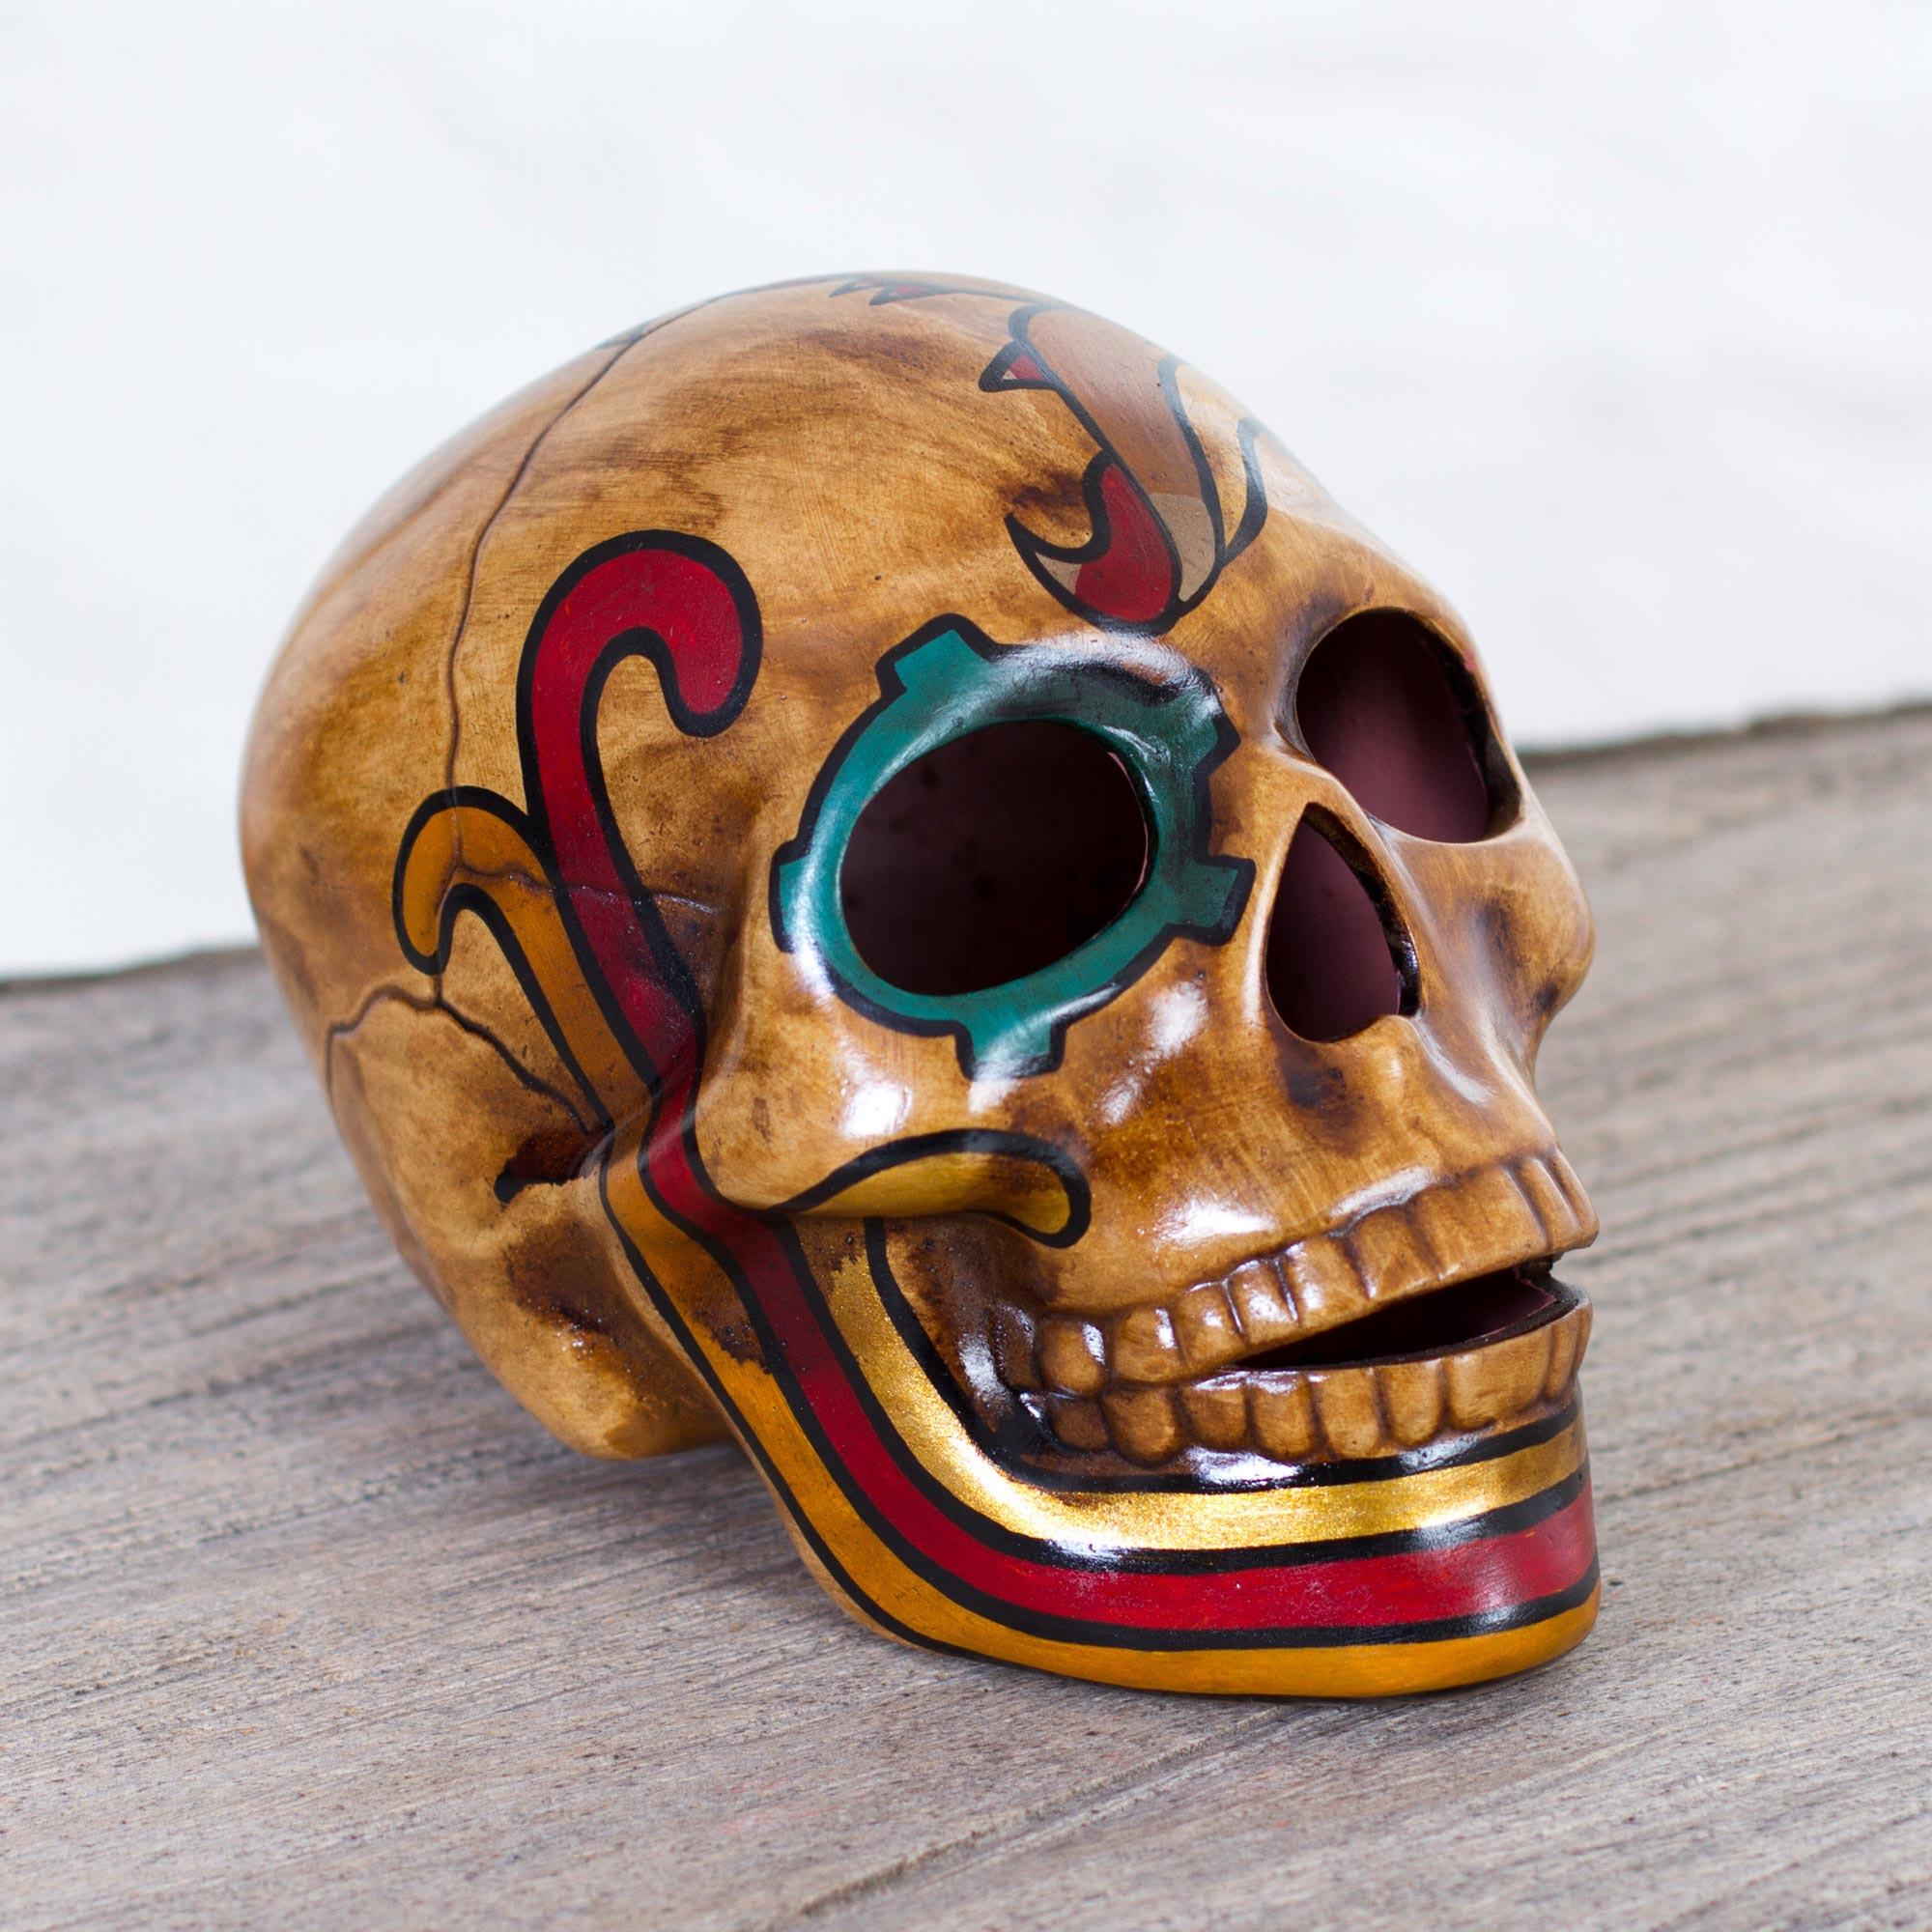 Mexican Ceramic Skull Sculpture with Quetzalcóatl, 'Quetzalcóatl'